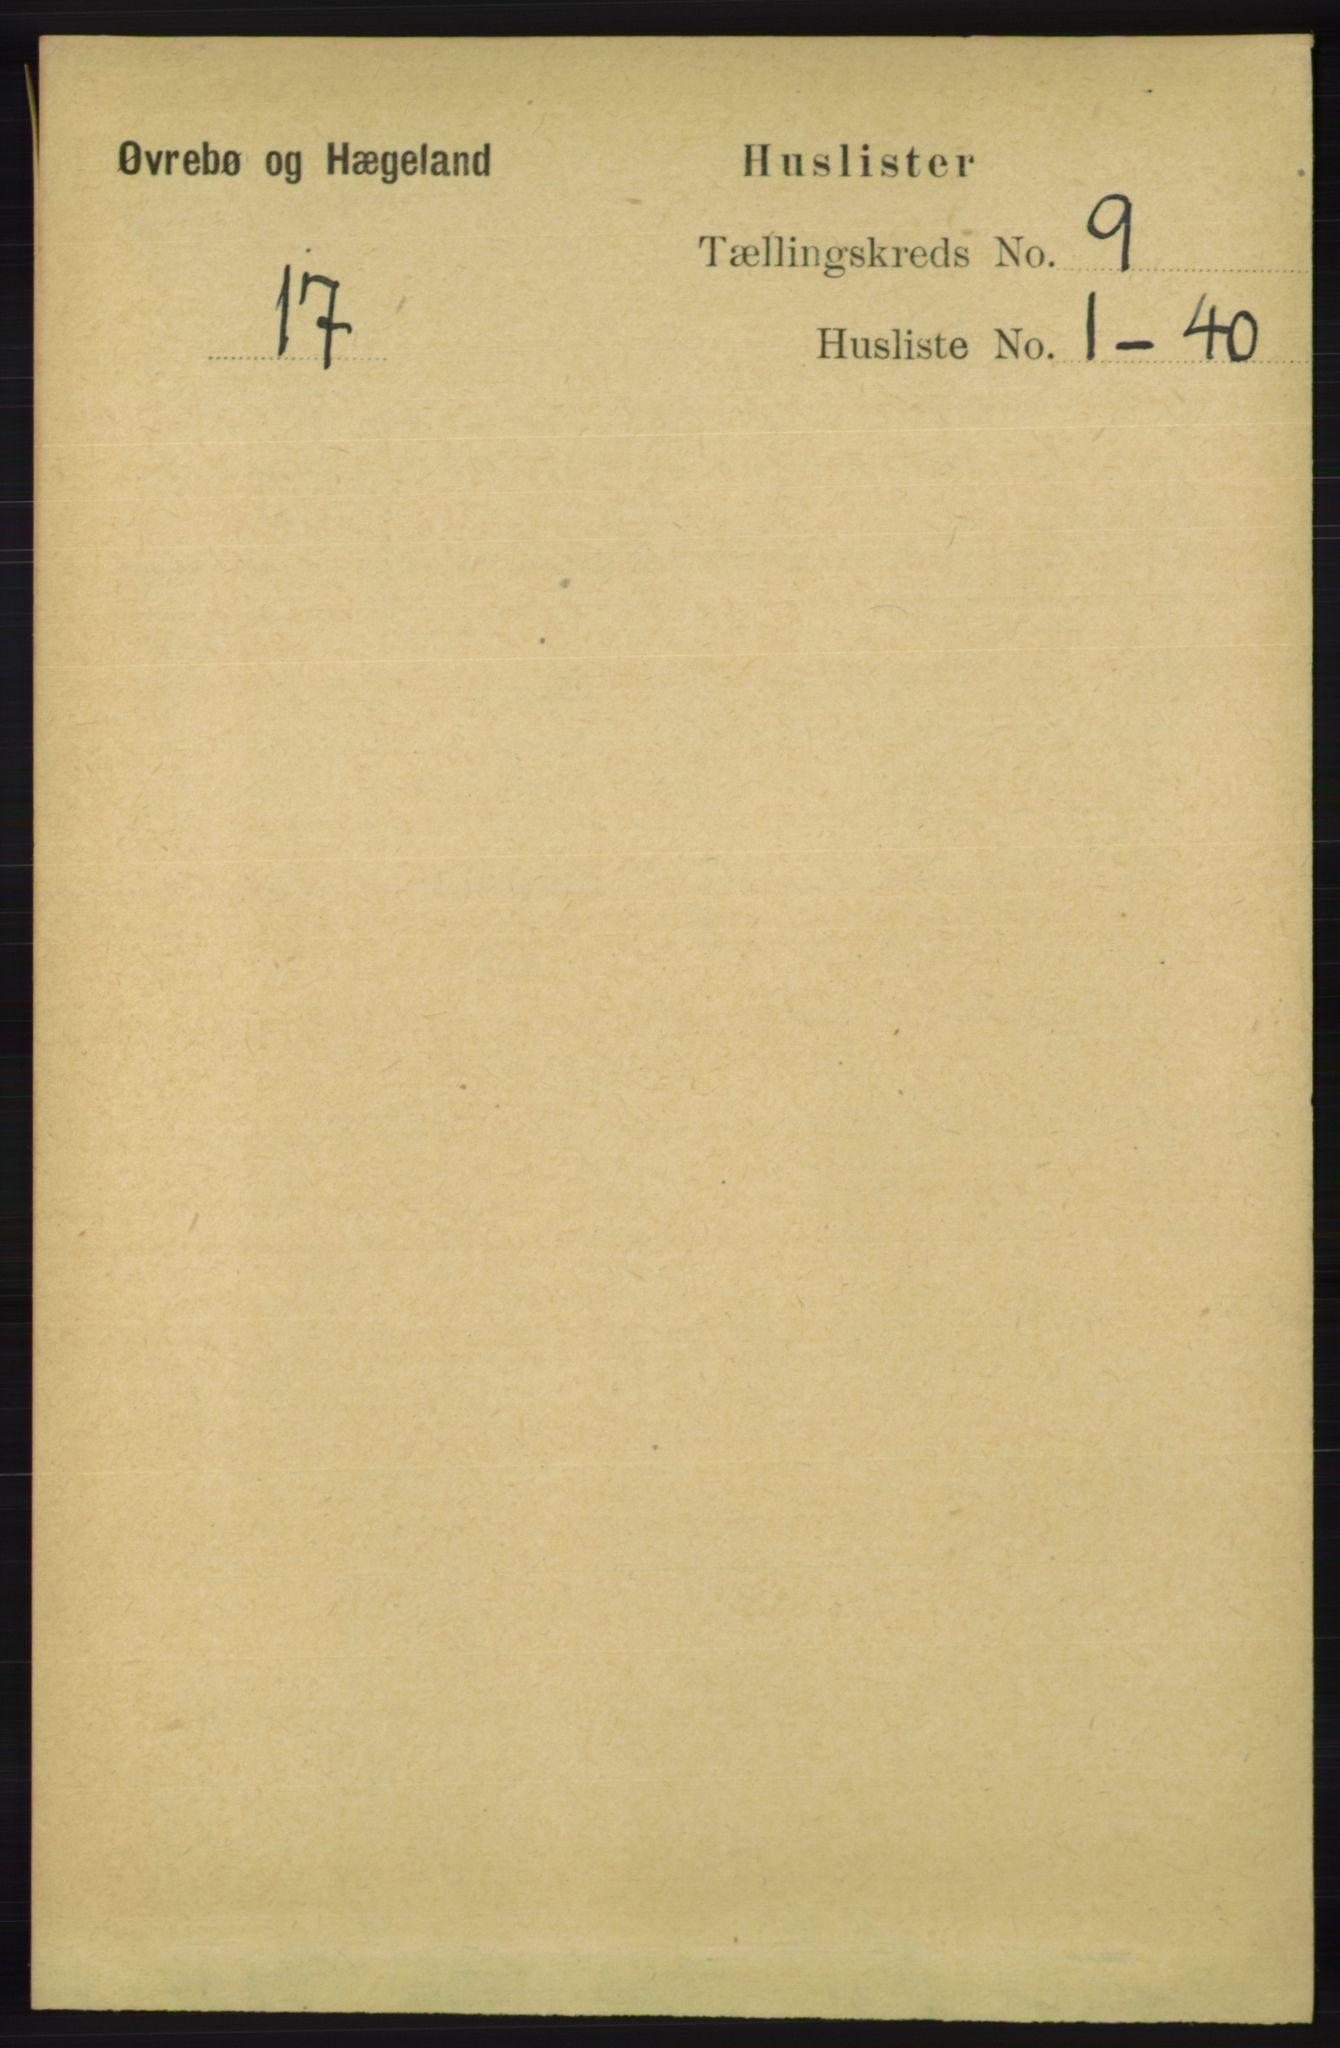 RA, Folketelling 1891 for 1016 Øvrebø og Hægeland herred, 1891, s. 1701